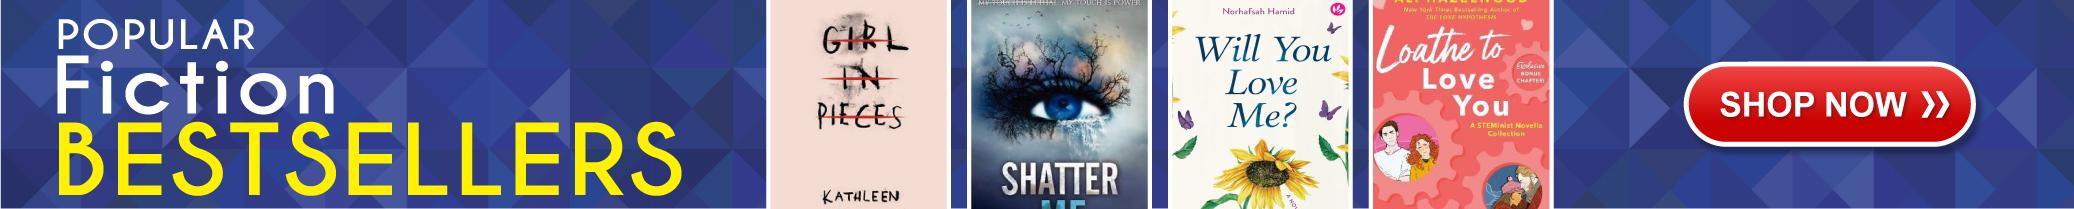 Bestseller Fiction